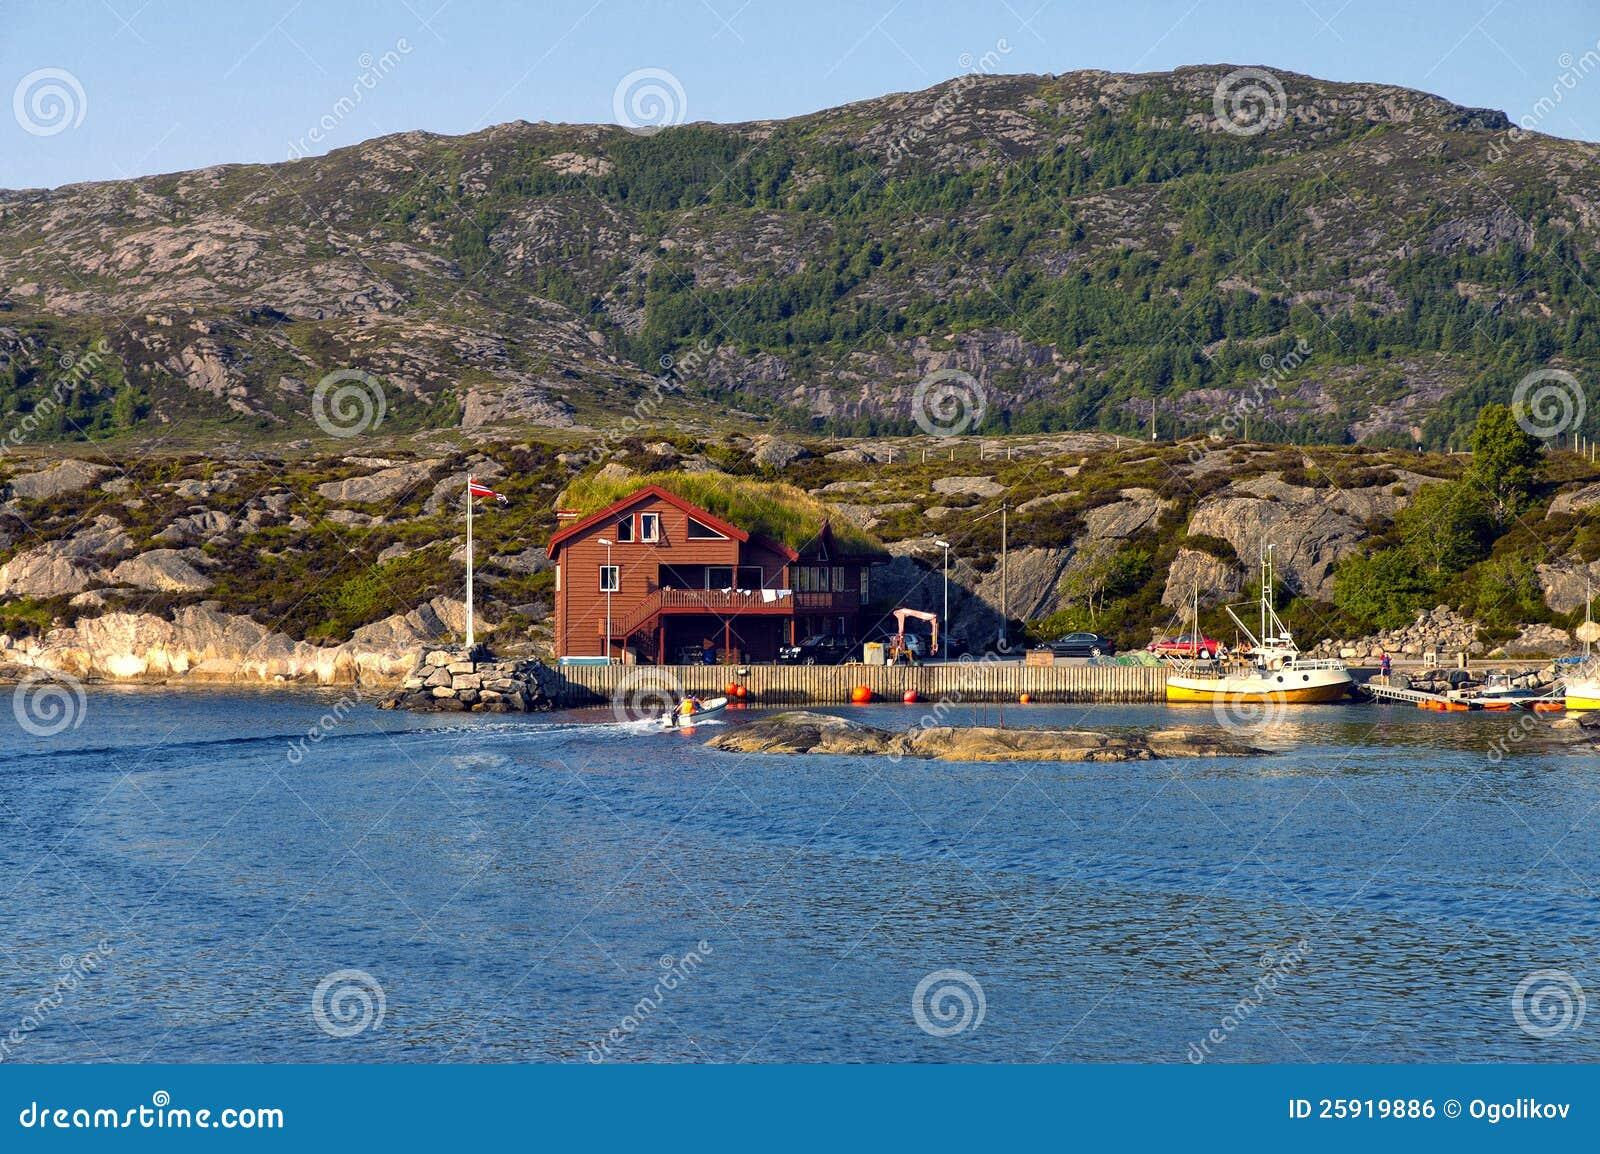 haus in norwegen auf dem ufer des fjords lizenzfreies stockbild bild 25919886. Black Bedroom Furniture Sets. Home Design Ideas